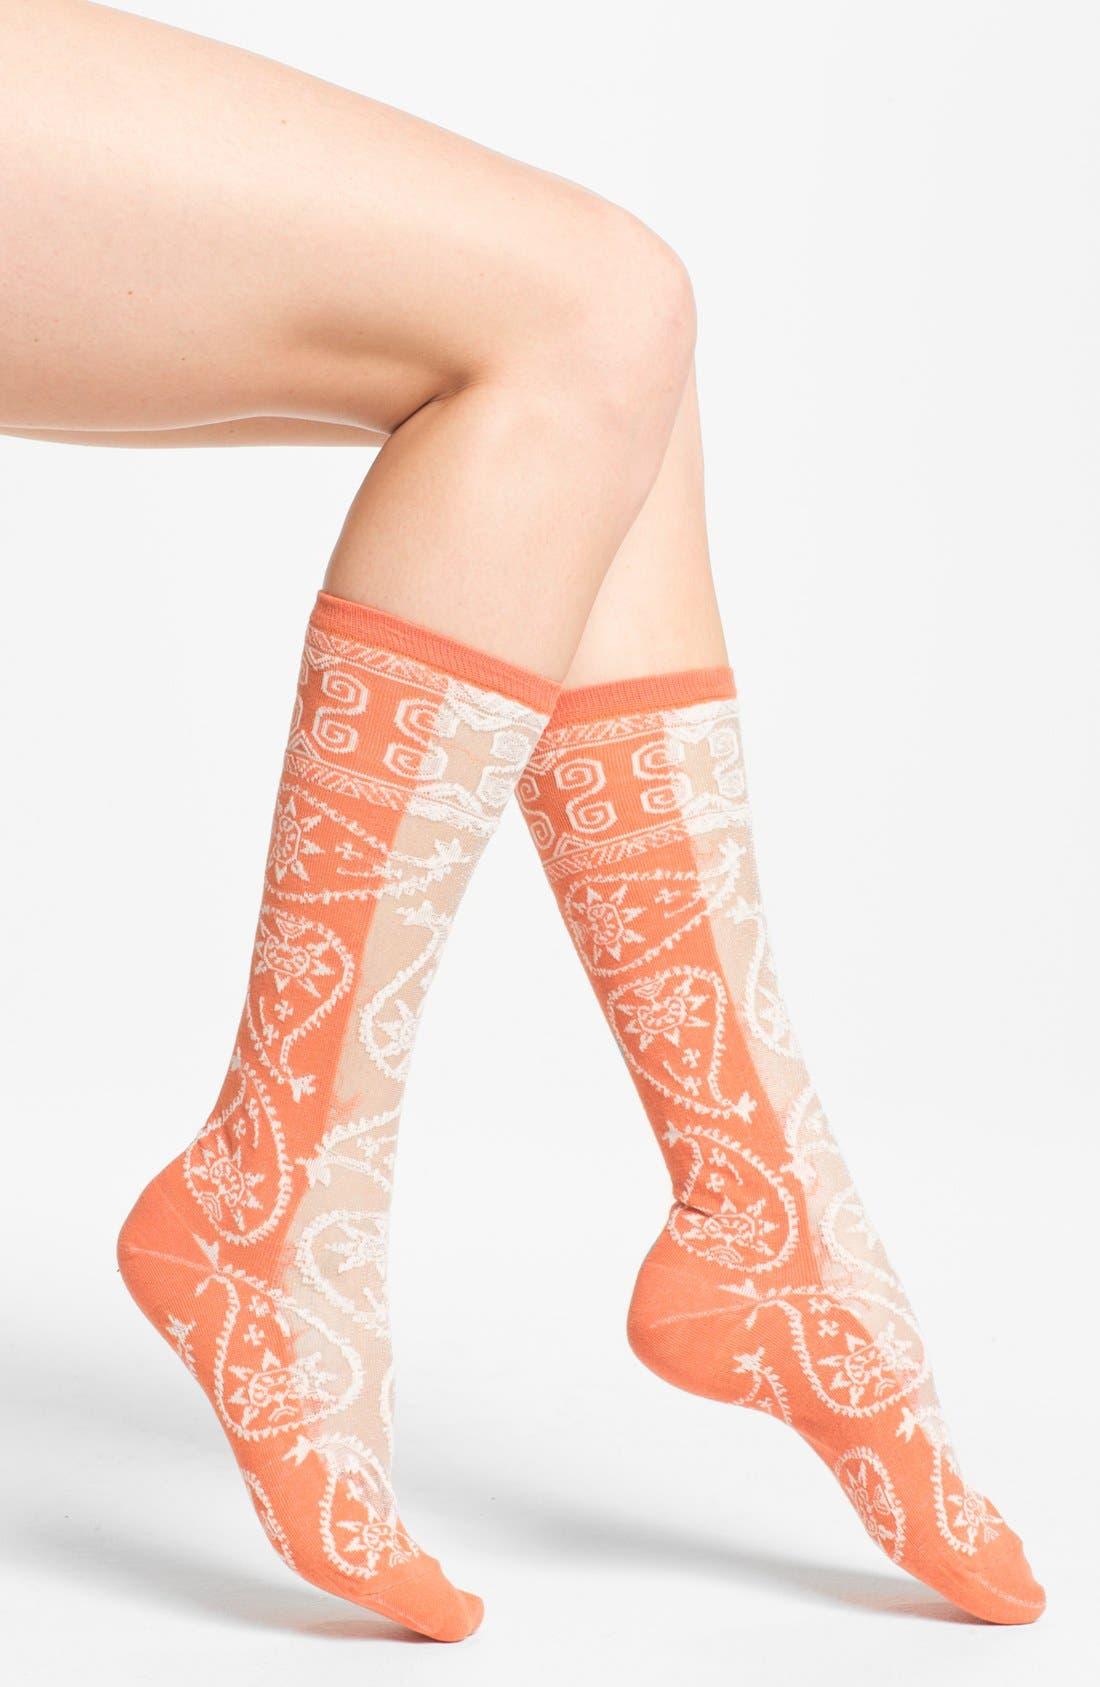 Alternate Image 1 Selected - Free People 'Hayes' Paisley Socks